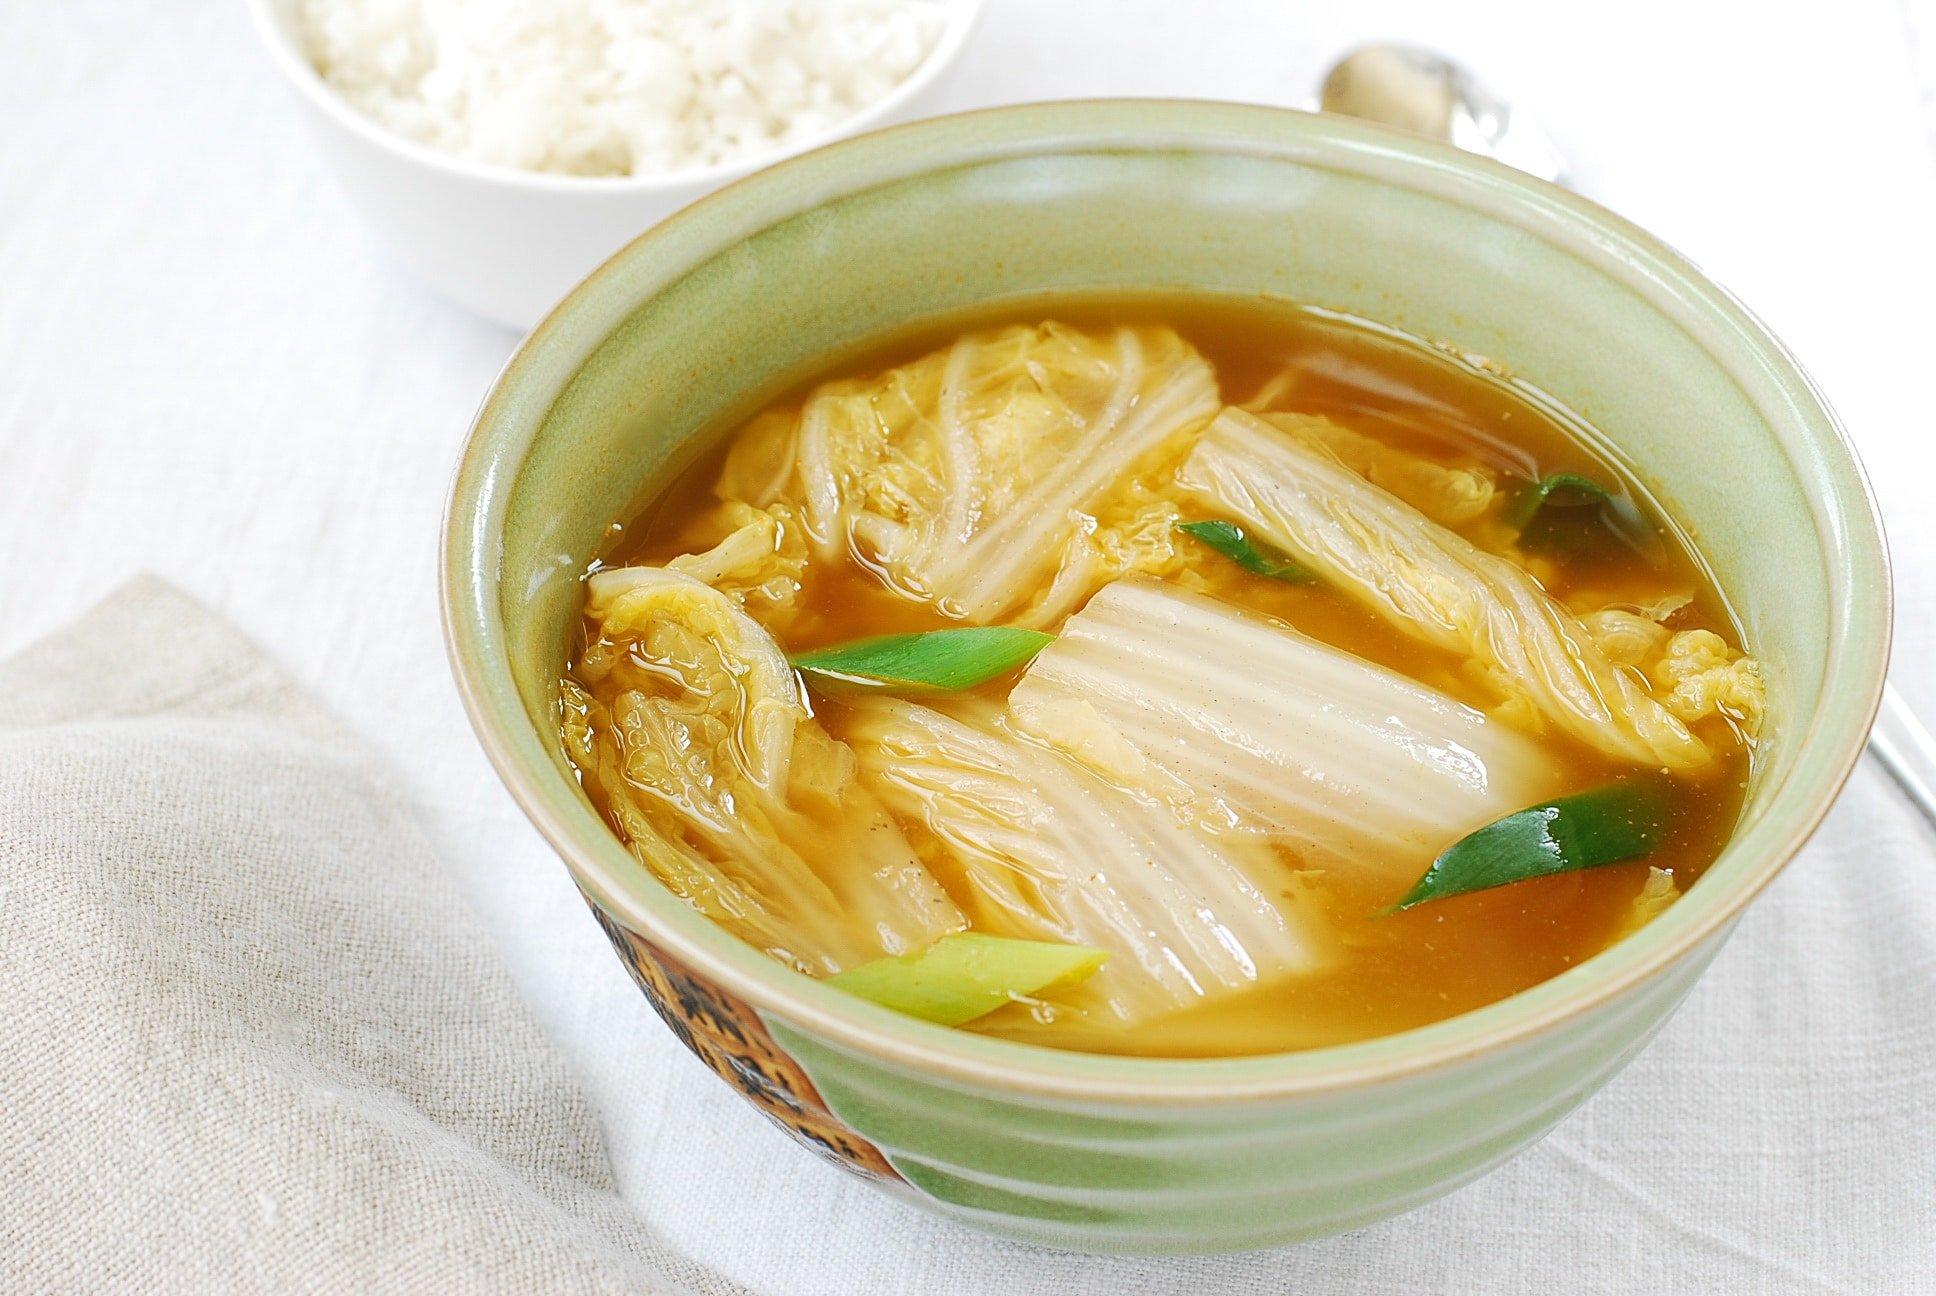 DSC 1833 - Baechu Doenjang Guk (Soybean Paste Soup)